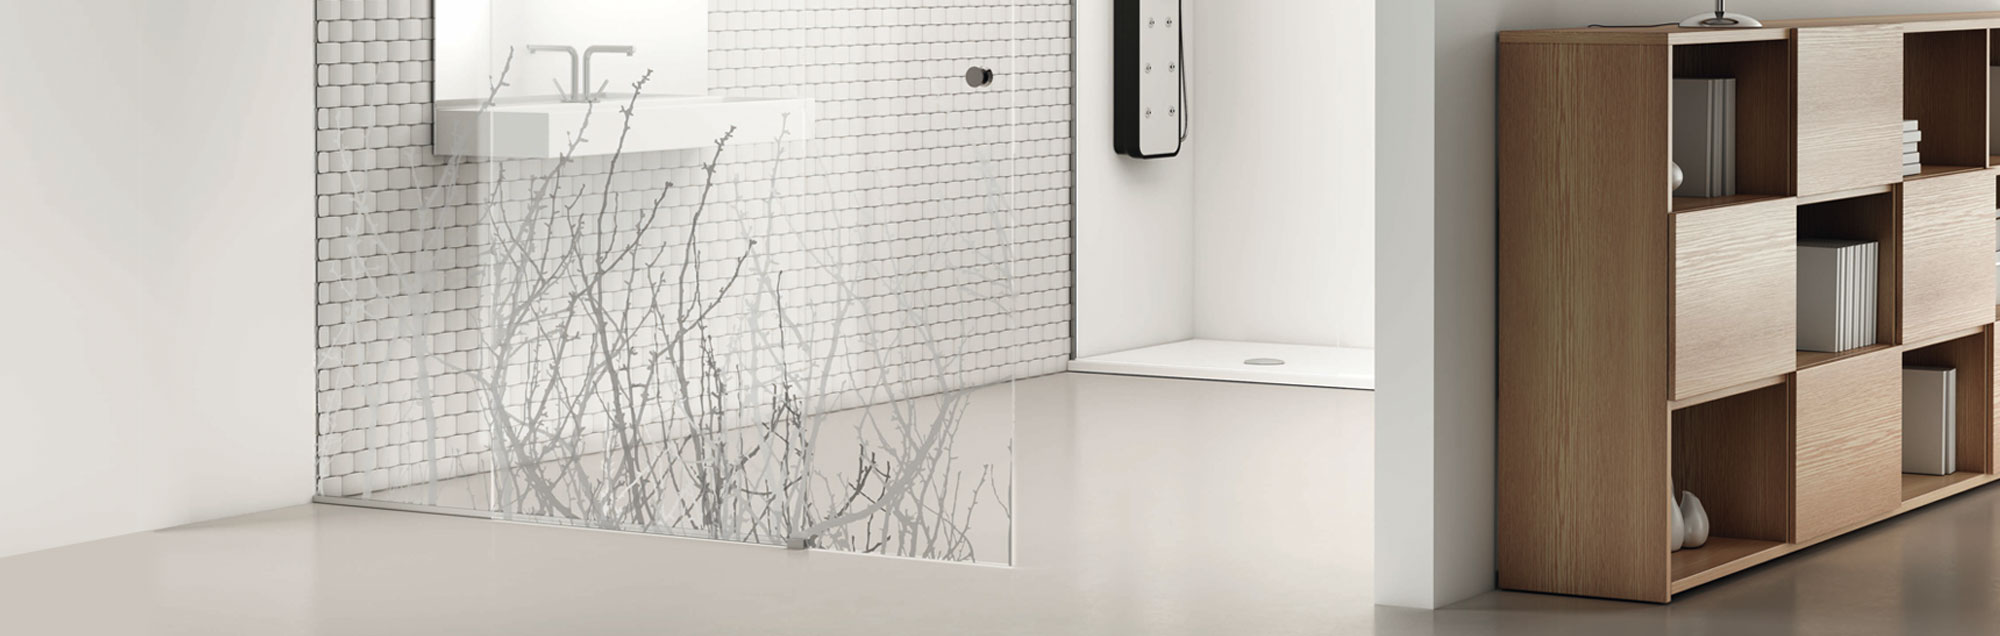 Série Kosmos portes coulissantes en verre PROFILTEK sur mesure